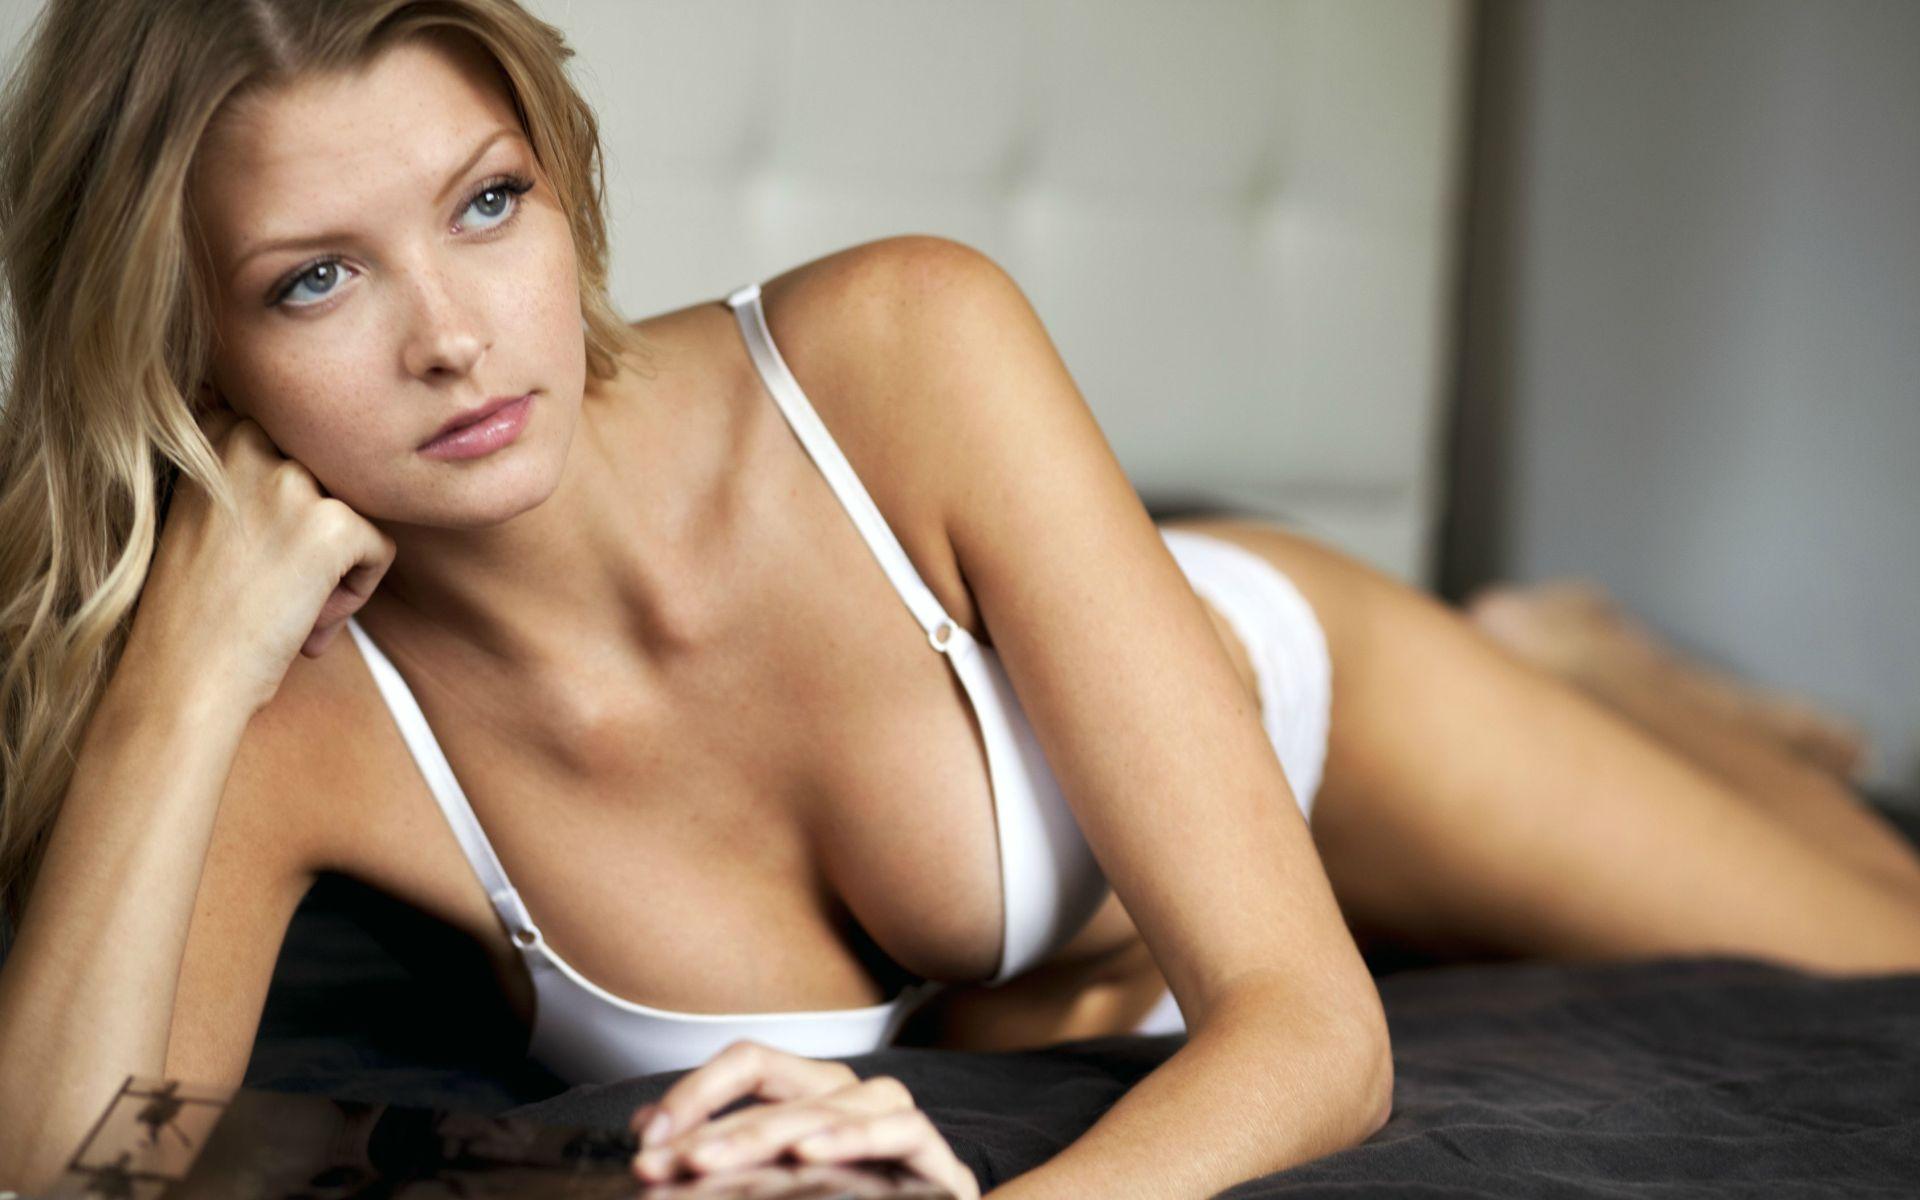 Bikini Erin Cummins nudes (99 photo), Pussy, Is a cute, Boobs, see through 2017